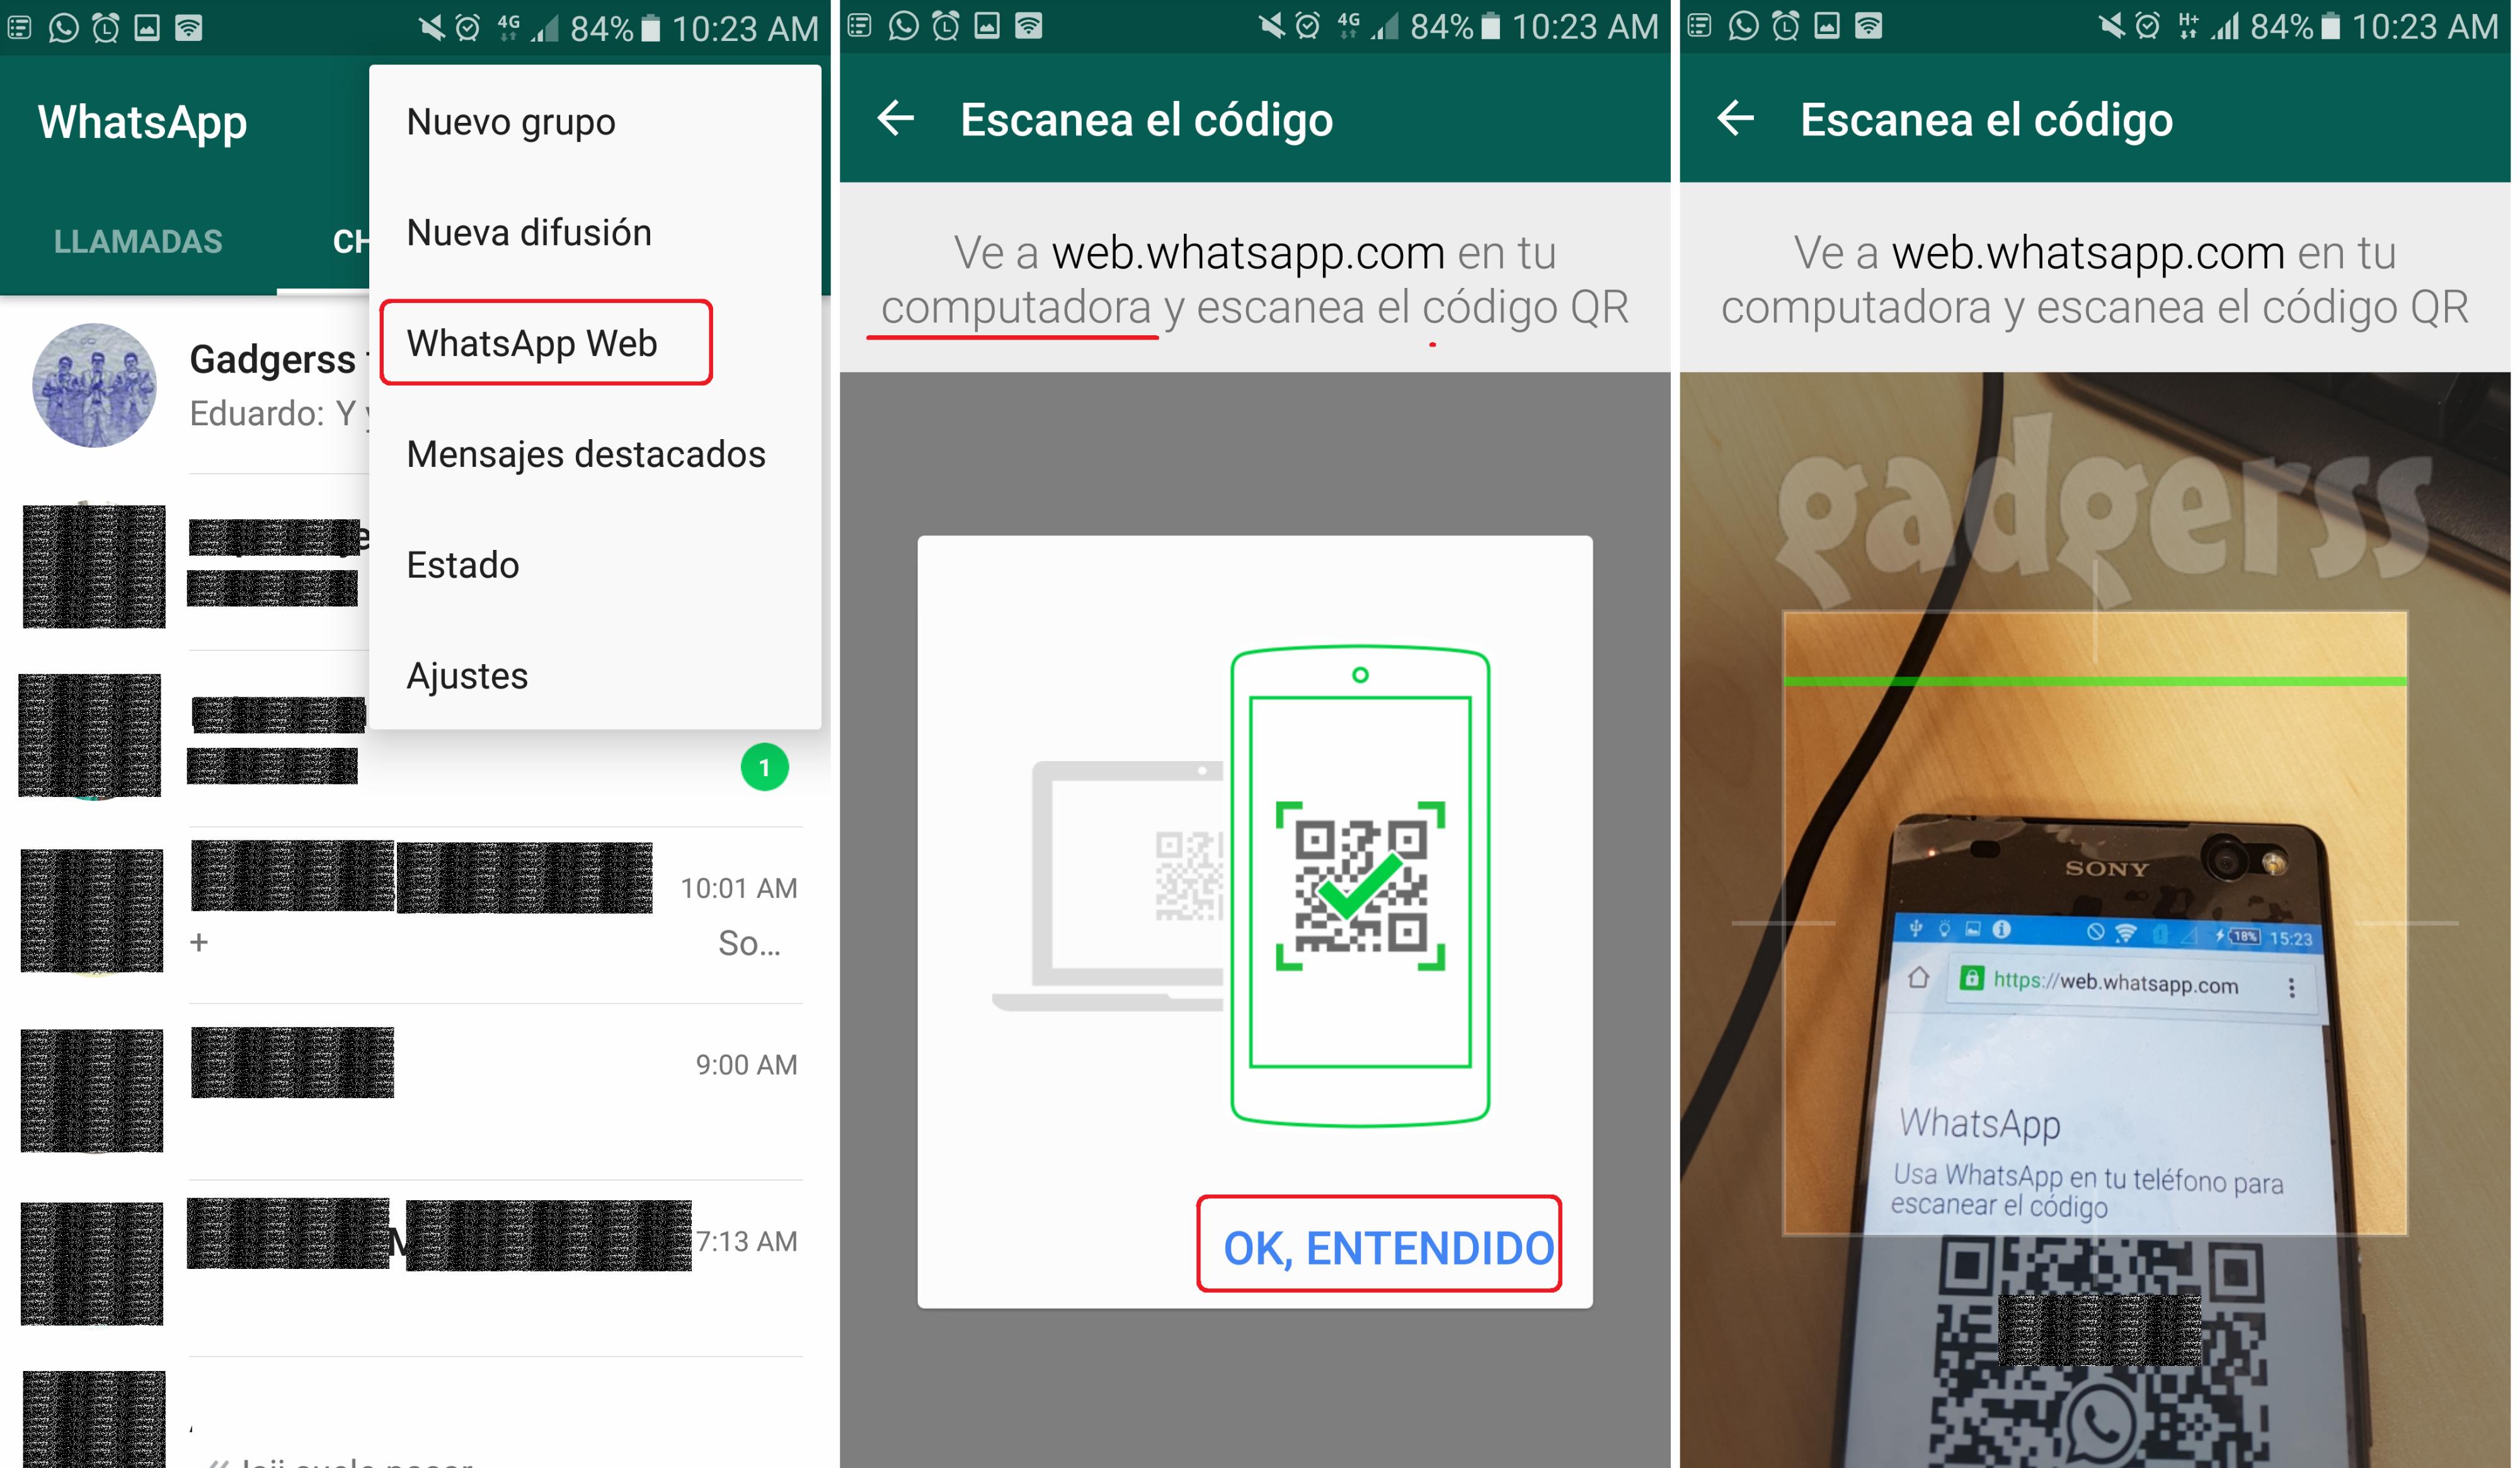 Accediendo a WhatsApp Web